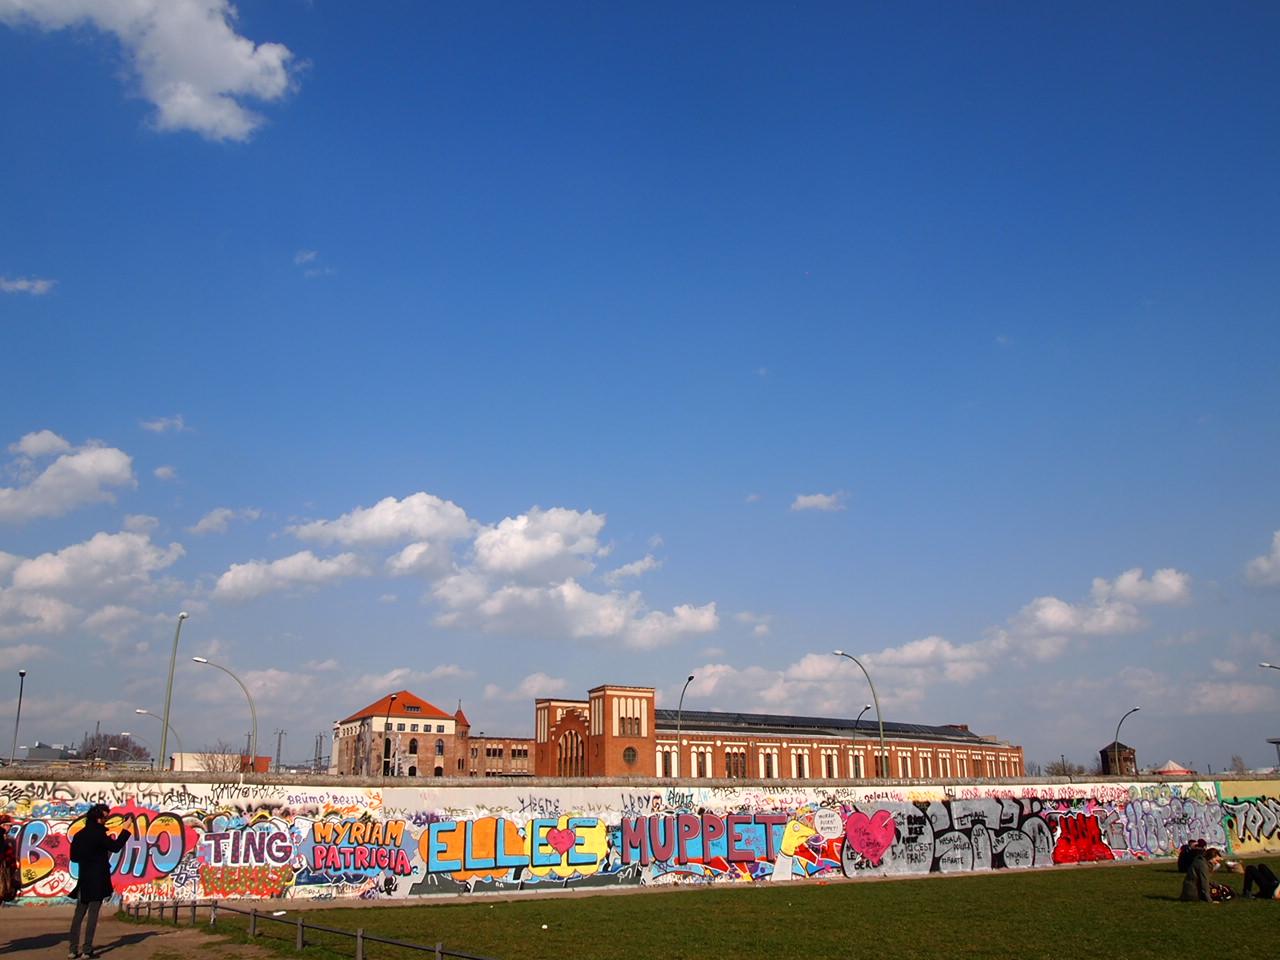 ベルリンの壁を崩壊させたのはある男の勘違いだった